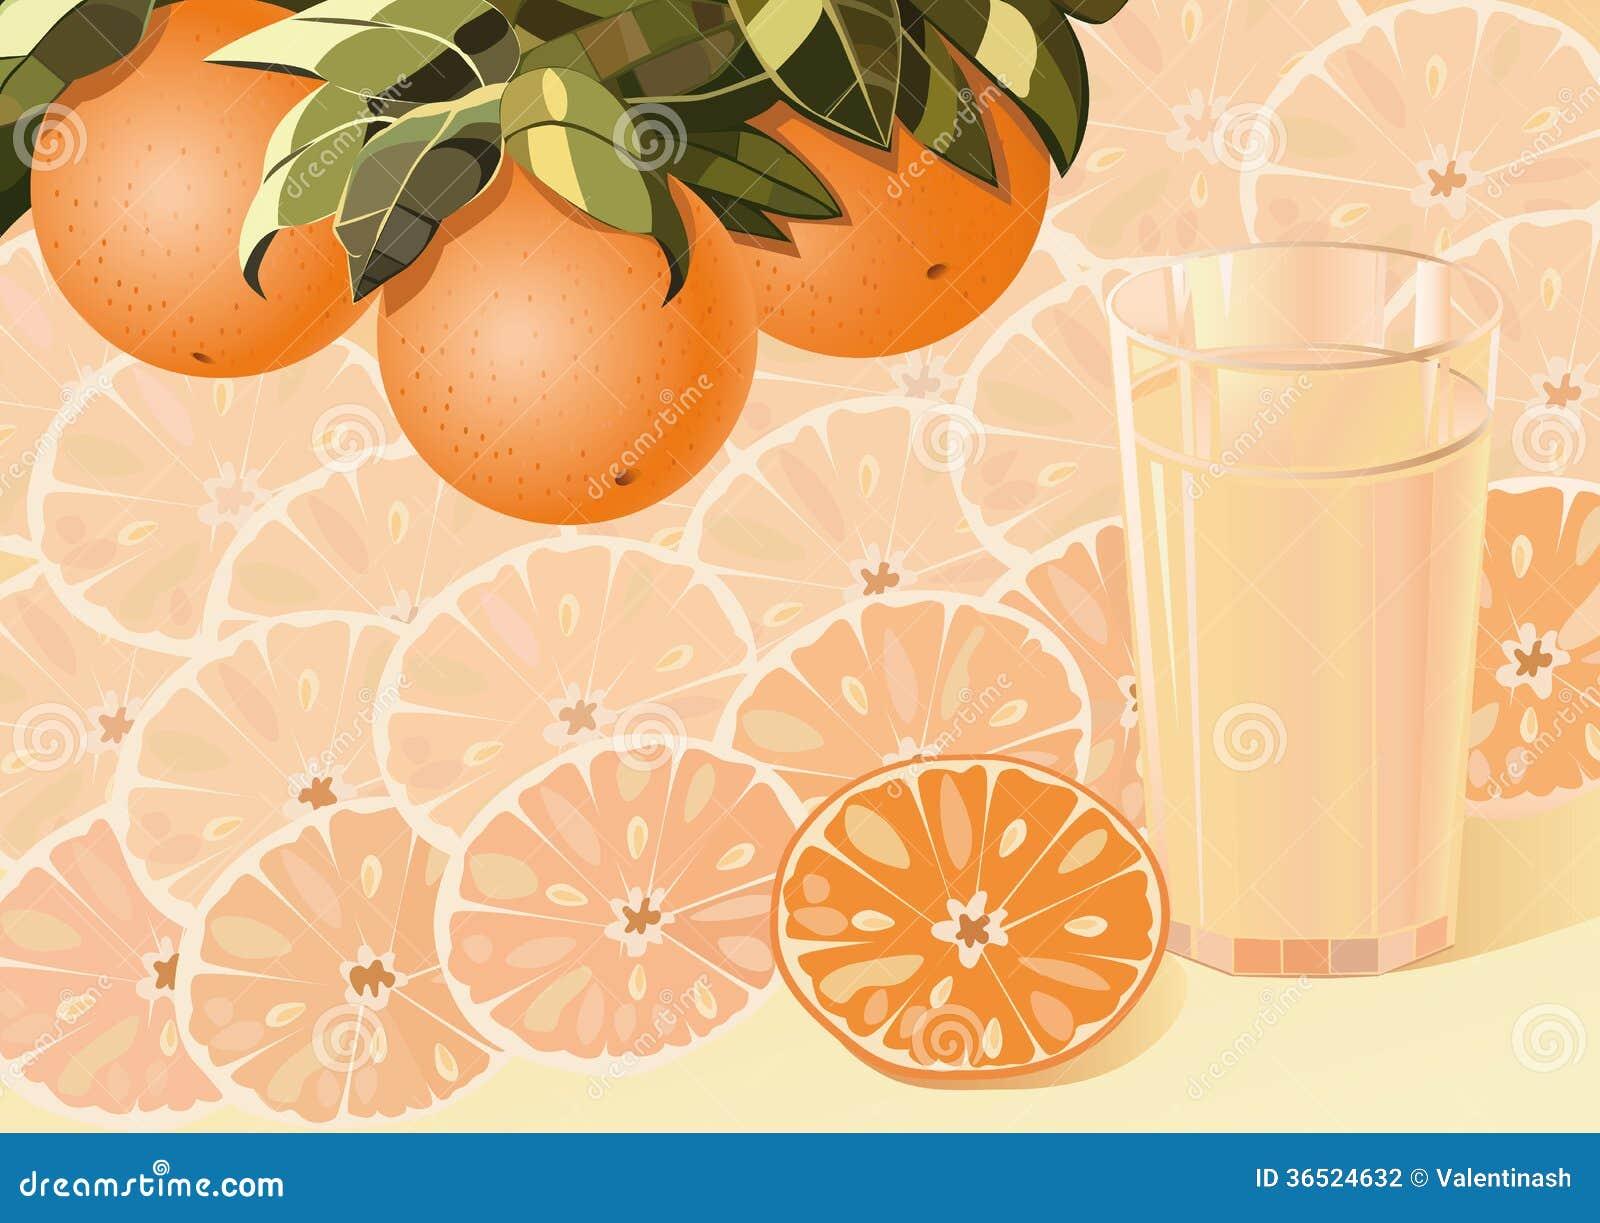 Jus d orange utile